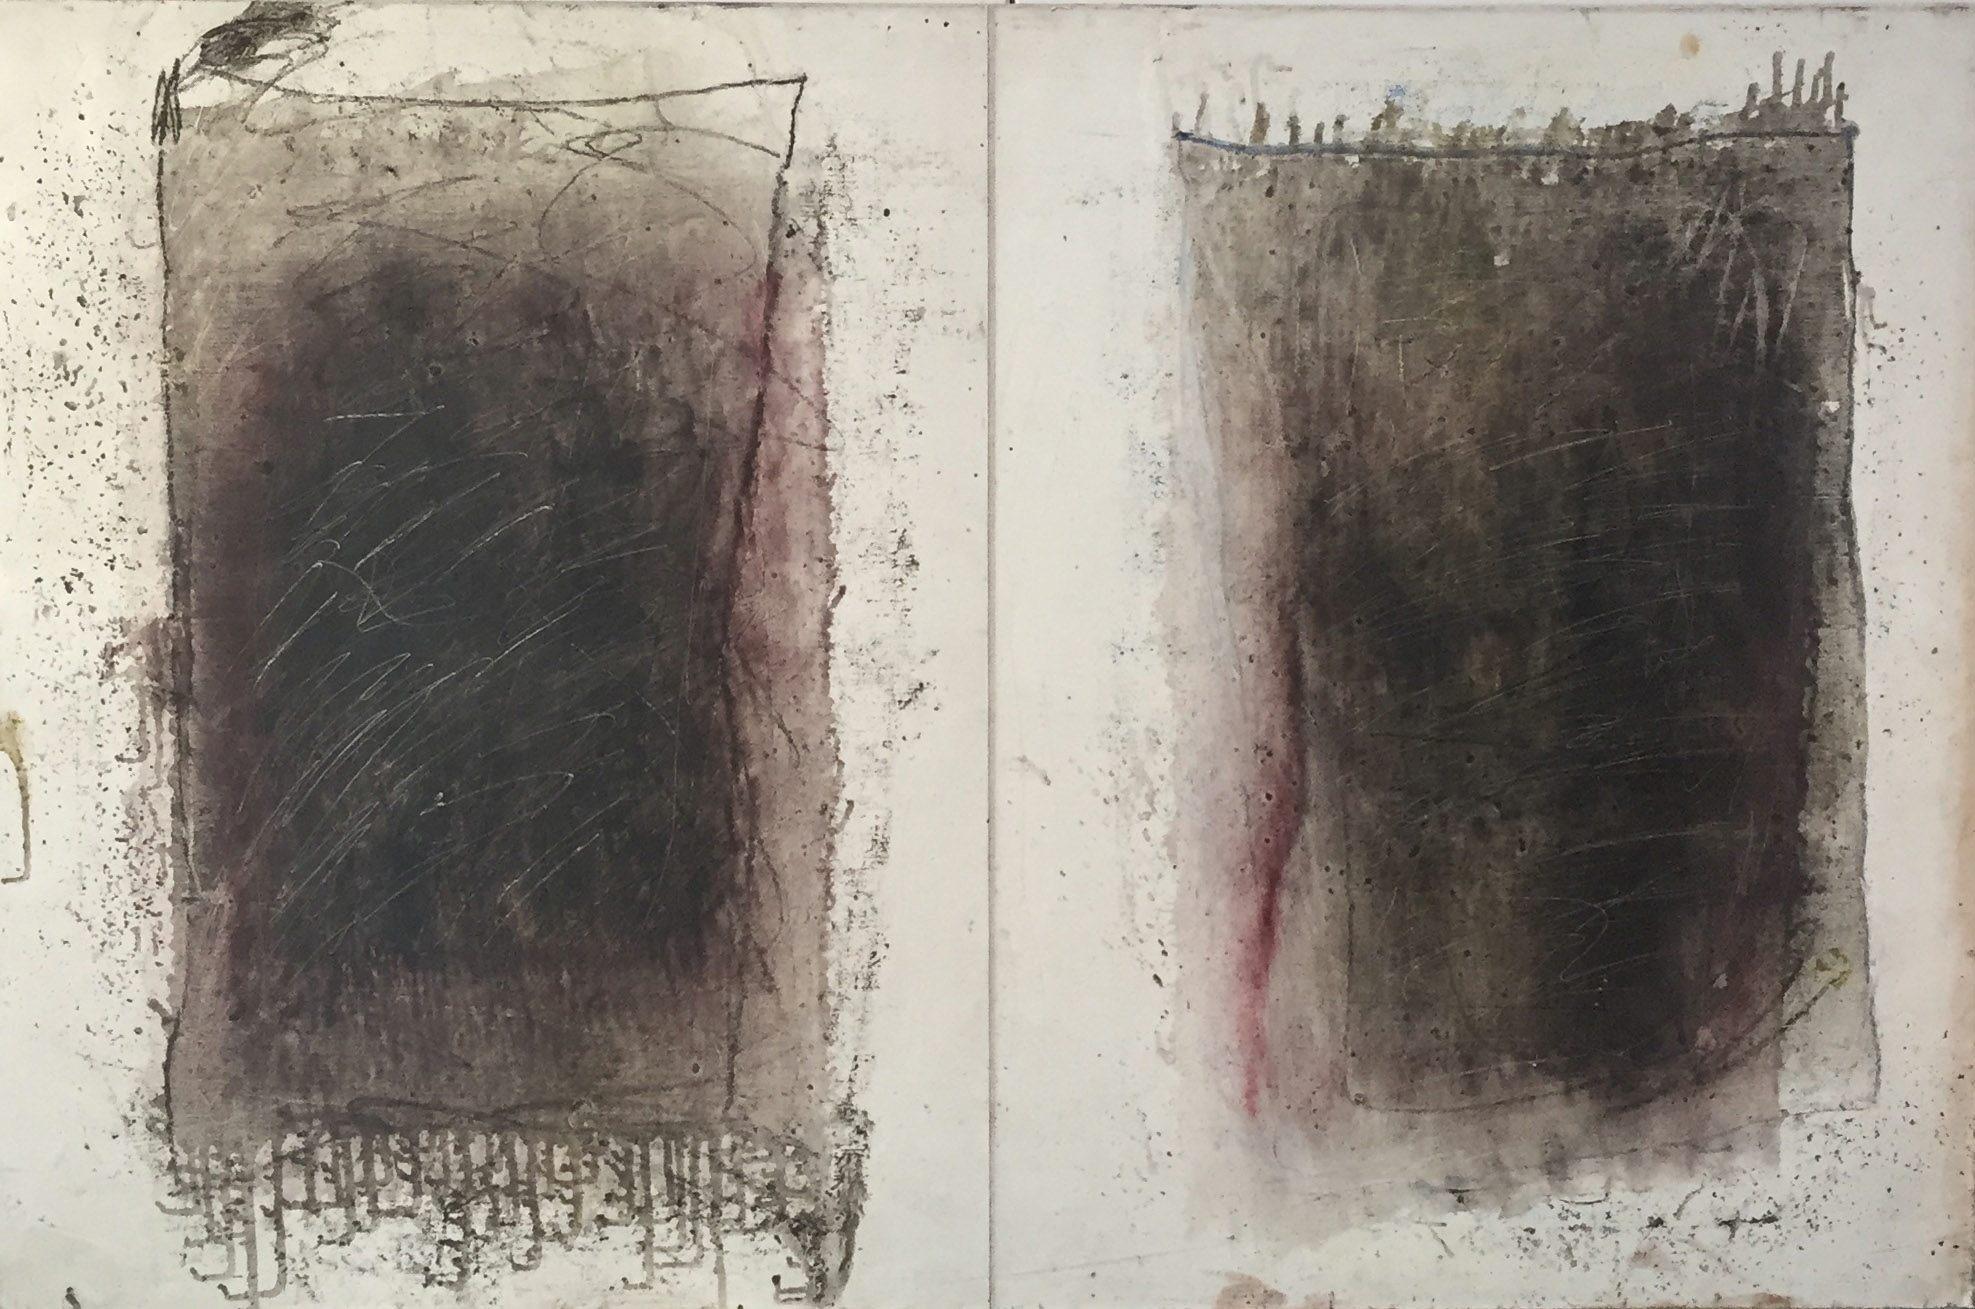 MARC FELD 1994 PIERRAILLE (pour Yves Bonnefoy) Huile et mine de plomb sur papier marouflé sur toile 65 x 100 cm